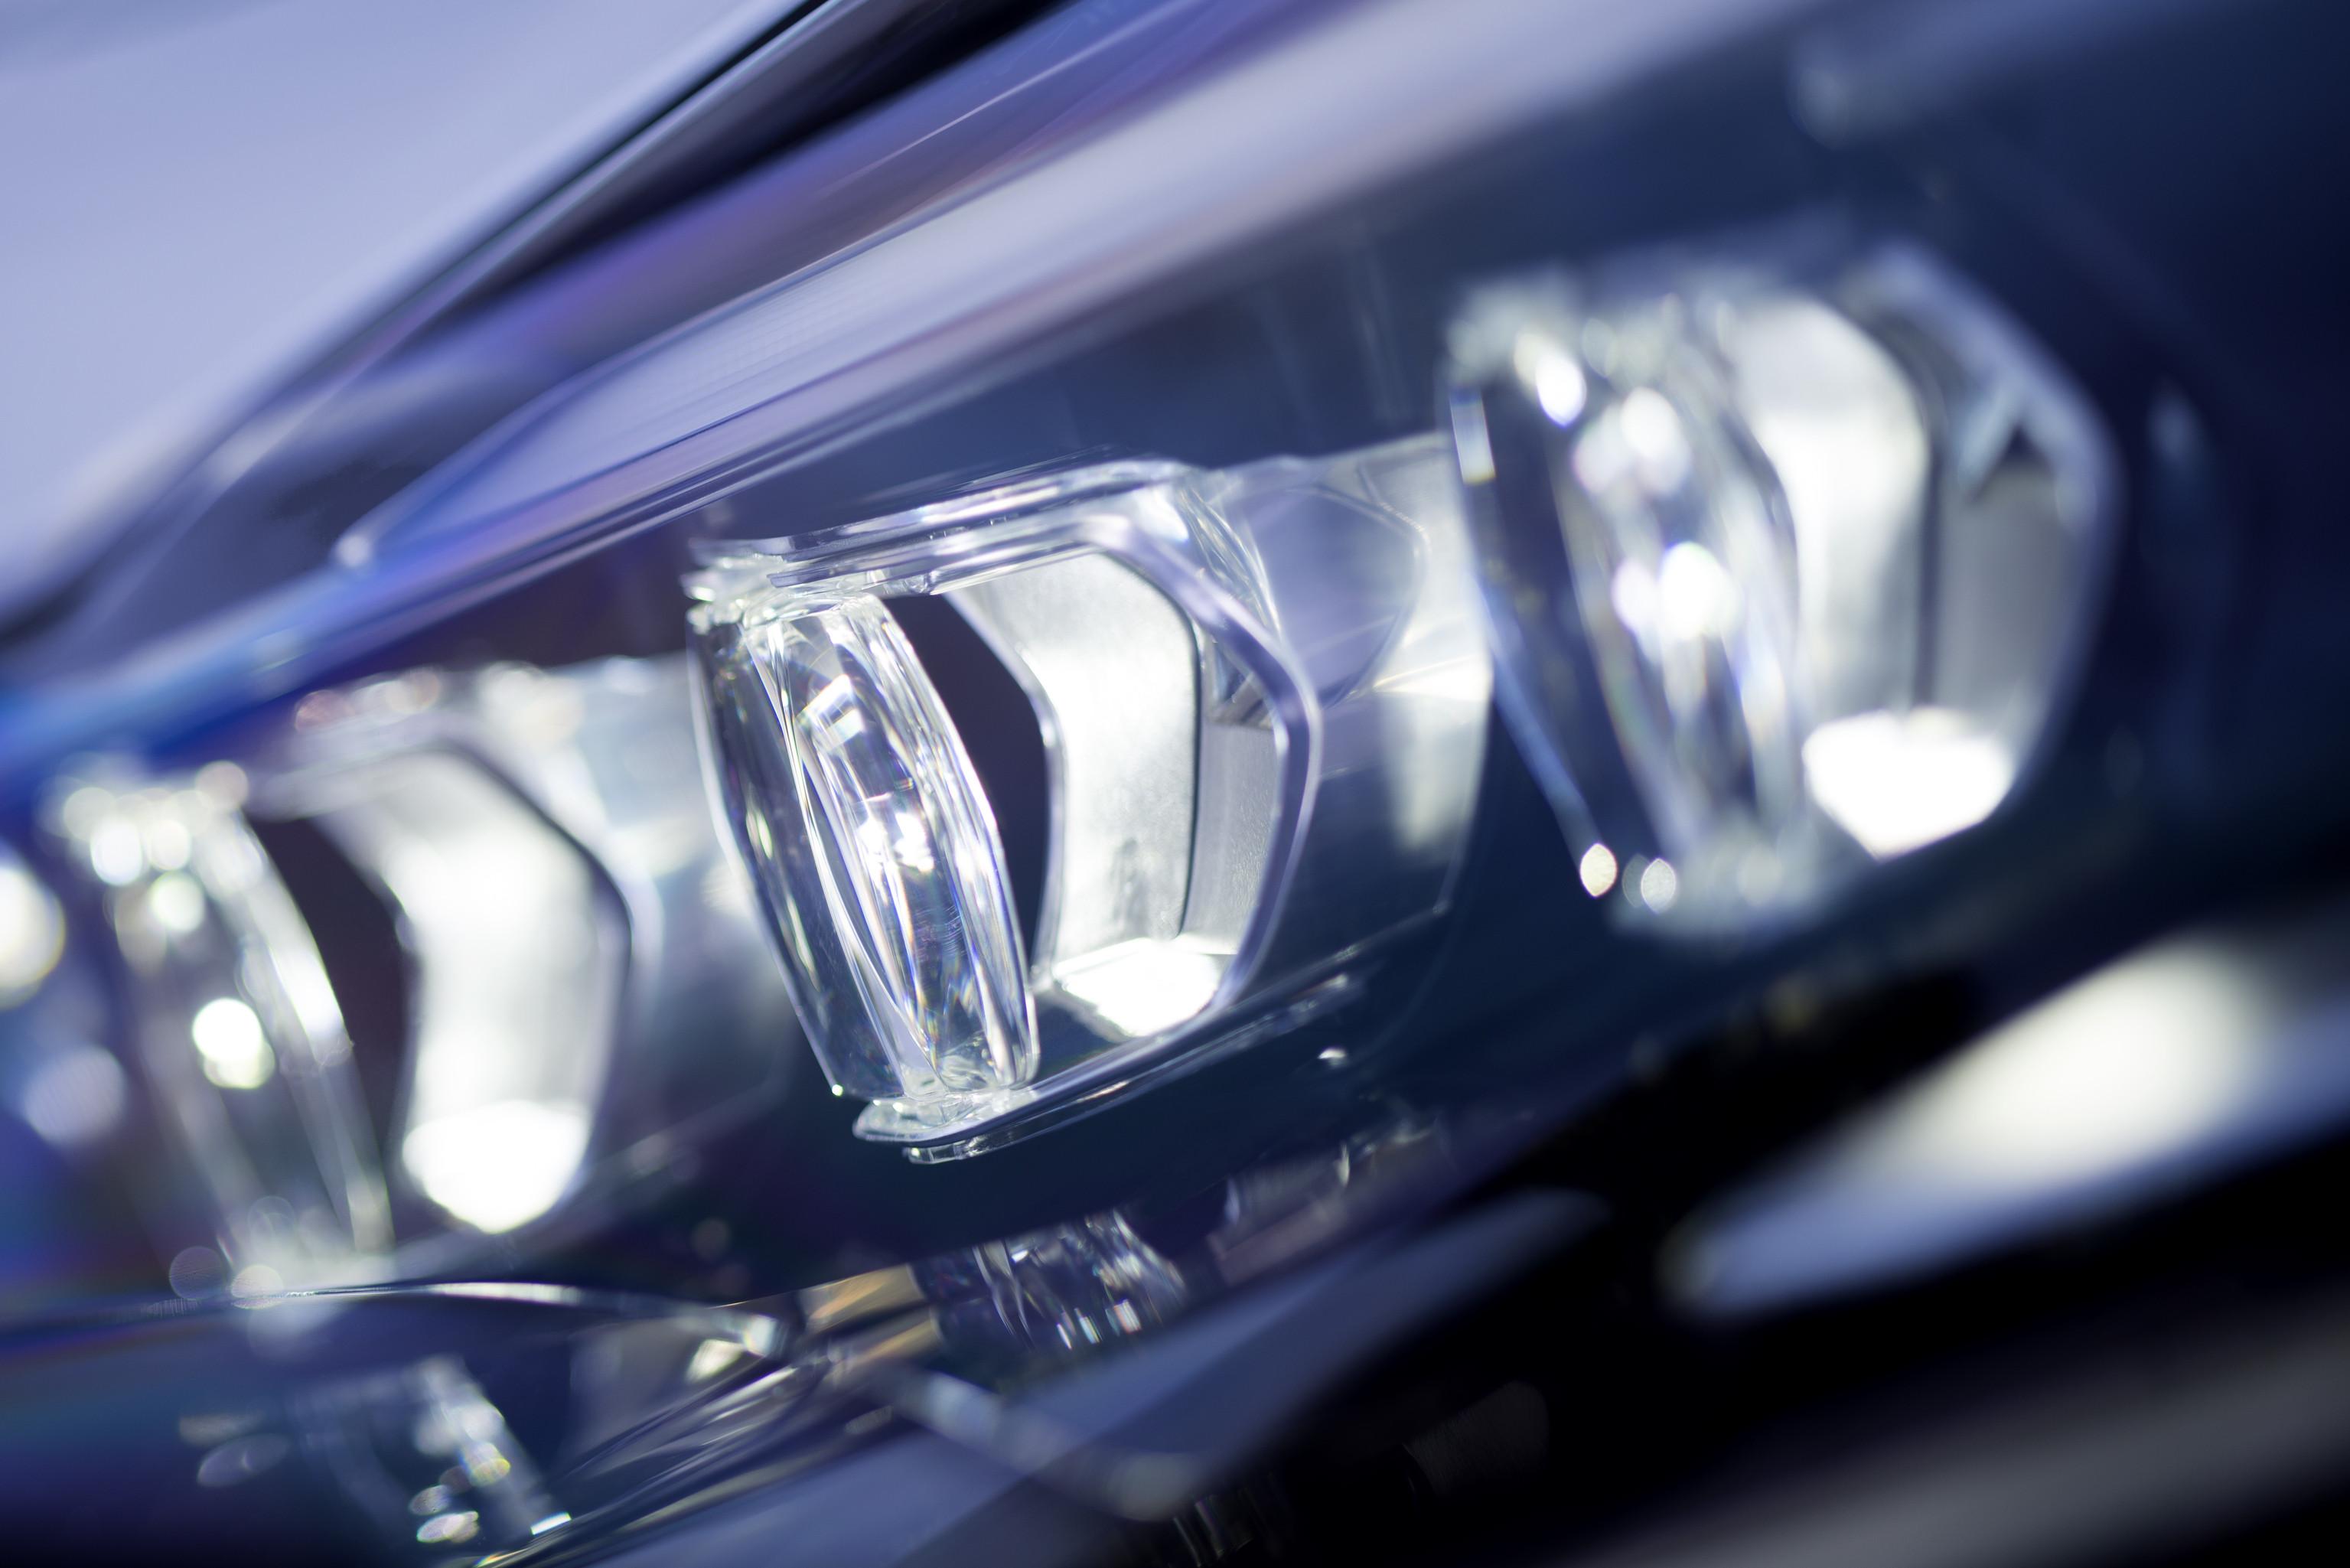 Mois de janvier difficile pour le marché automobile européen, Renault et PSA tirent la langue